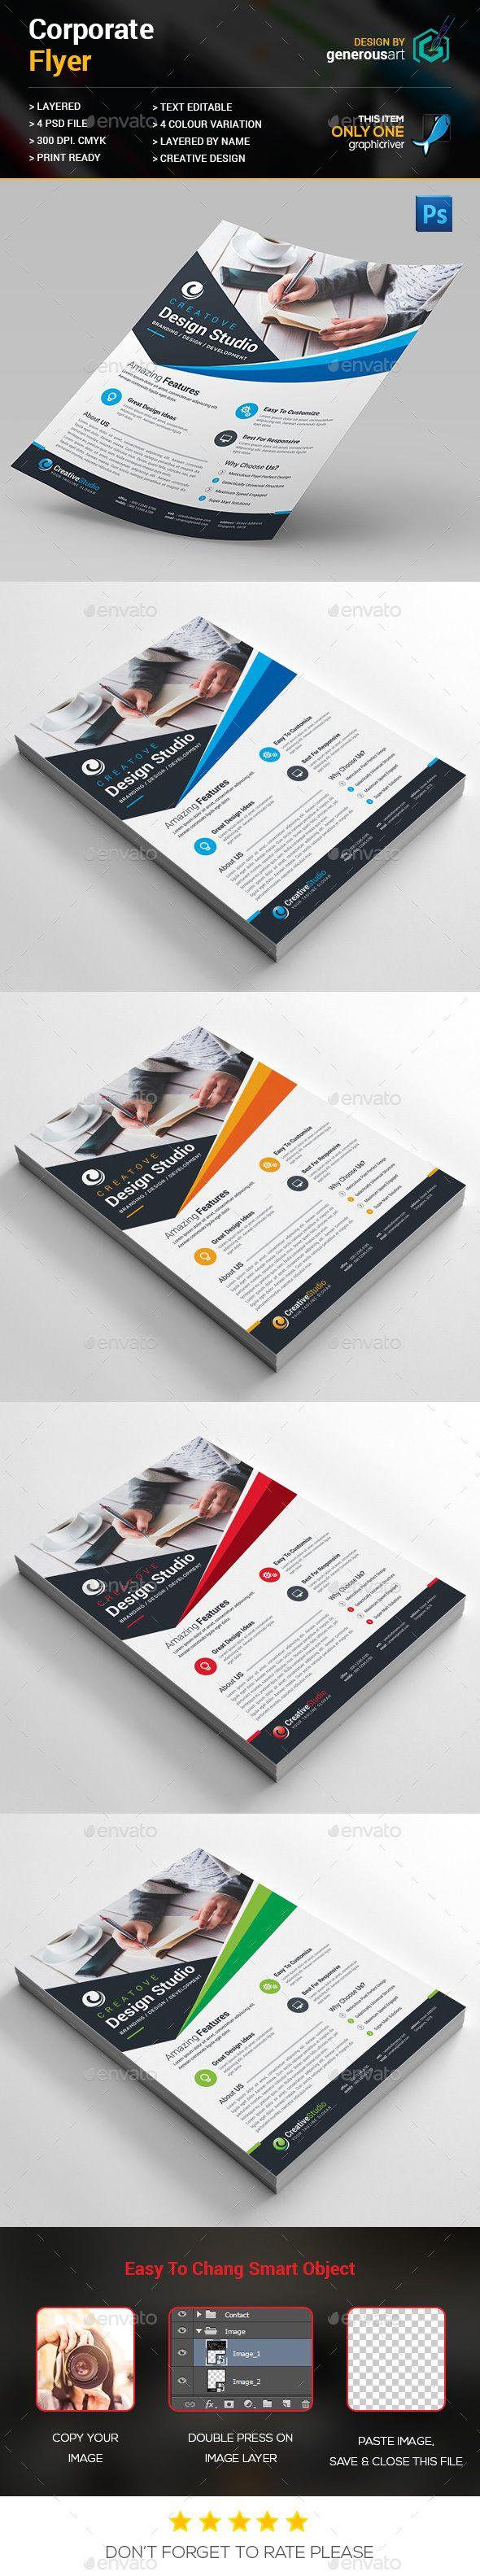 35 Best Flyer Brochure Poster Design Images On Pinterest Design